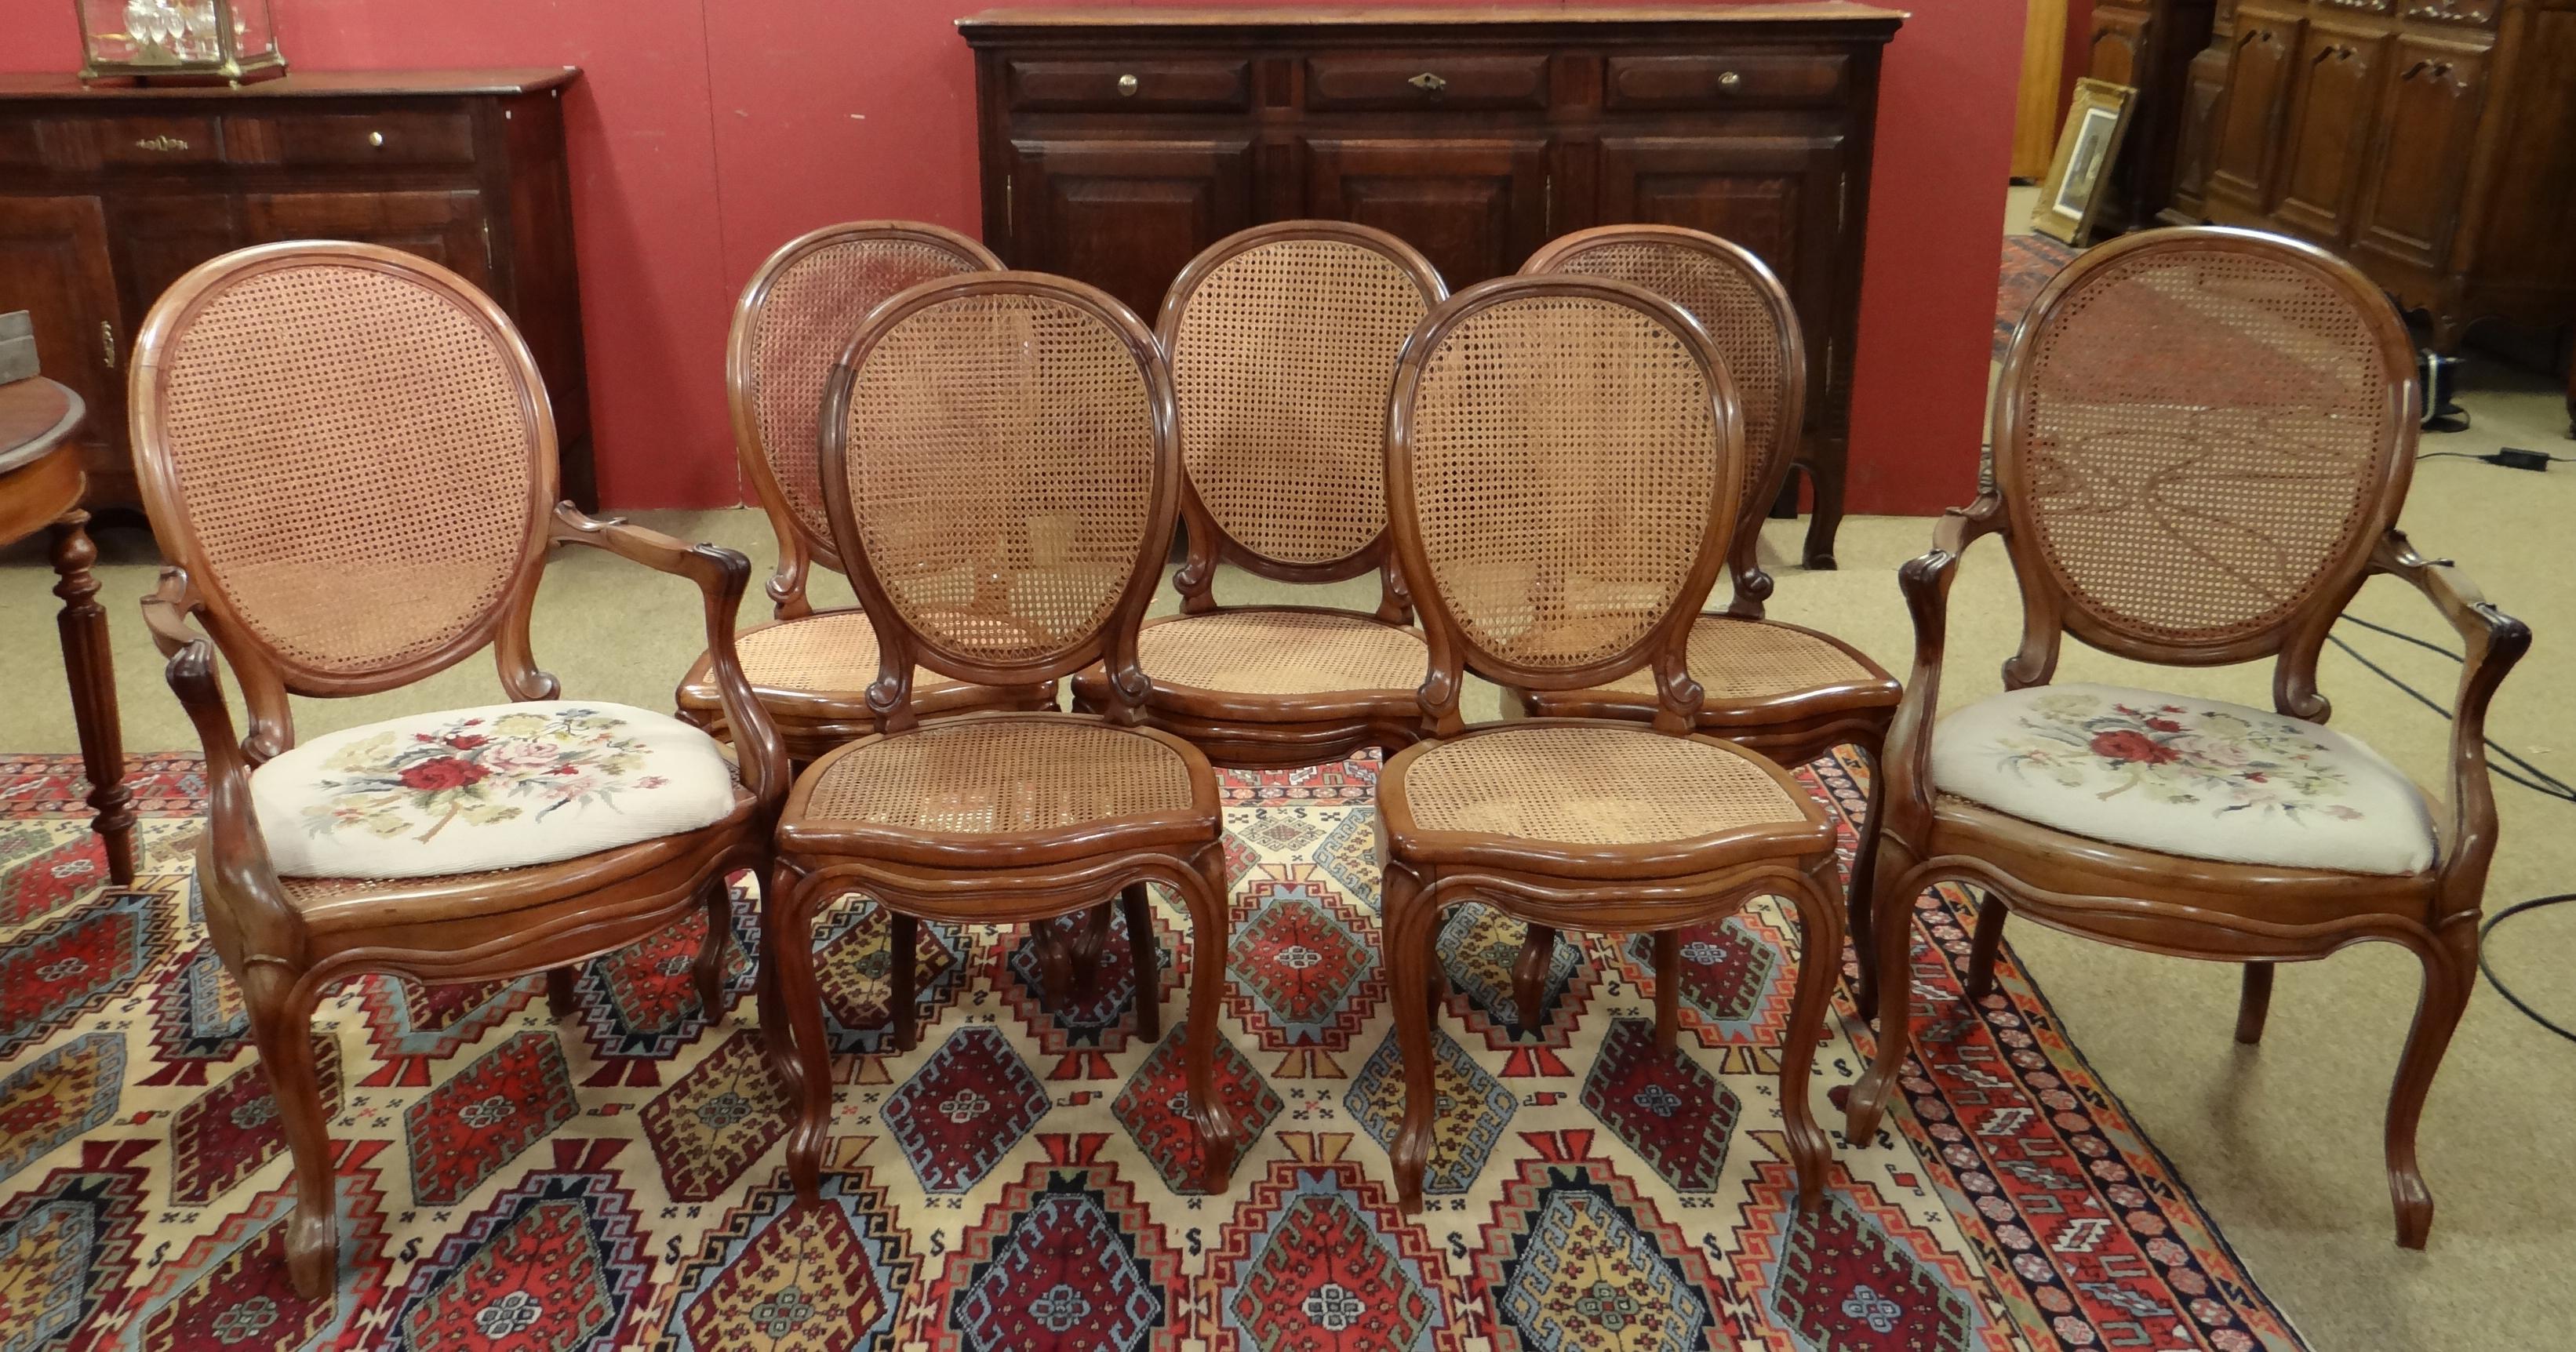 Meuble 5 chaises louis philippe acc paire de fauteuils m daillon cann s dont 2 assises - Chaises louis philippe cannees ...